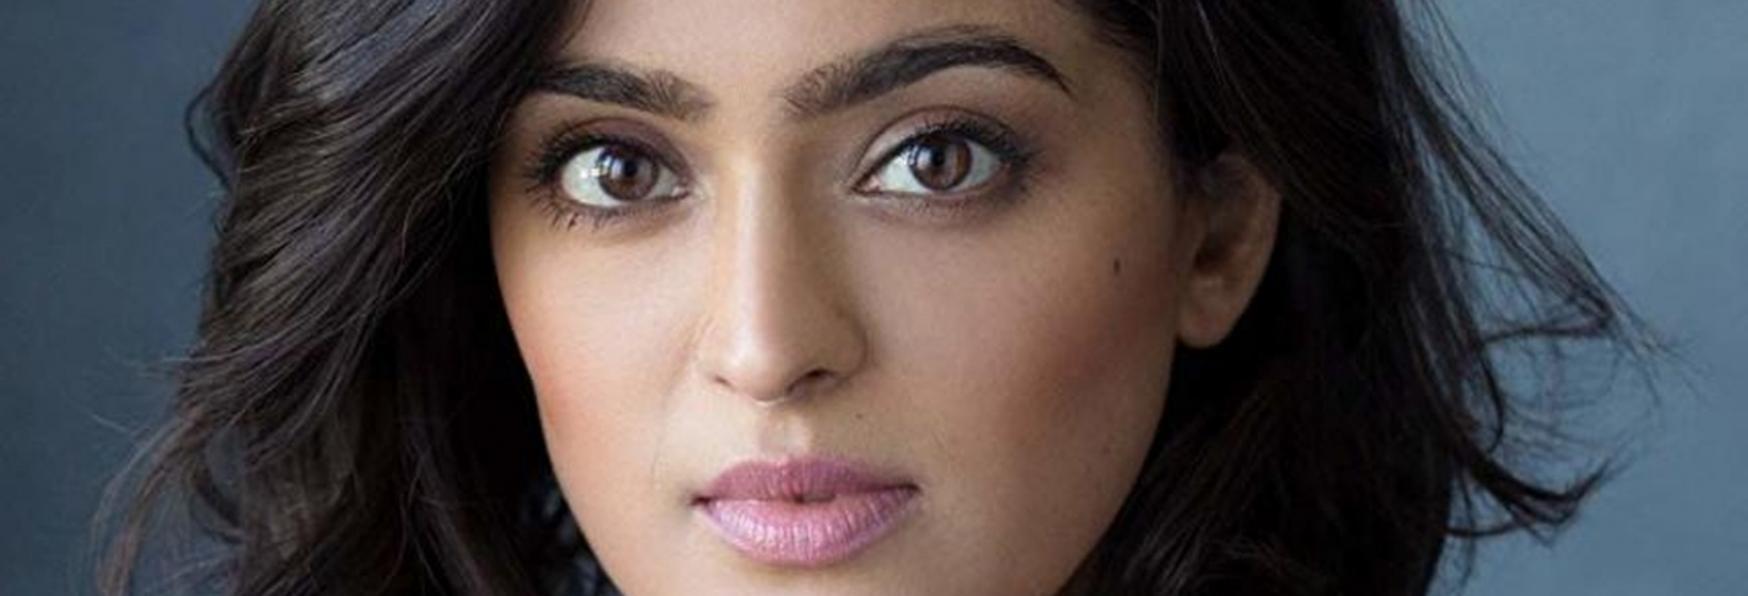 CSI: Vegas - Mandeep Dhillon farà parte del Cast della nuova Serie TV Sequel di CBS